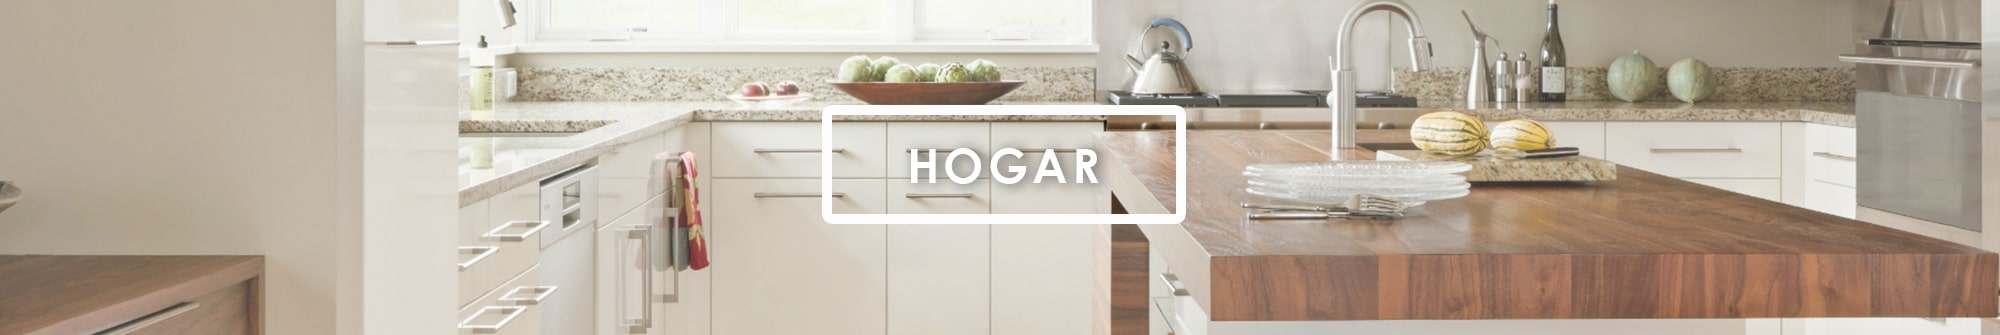 HOGARR-min